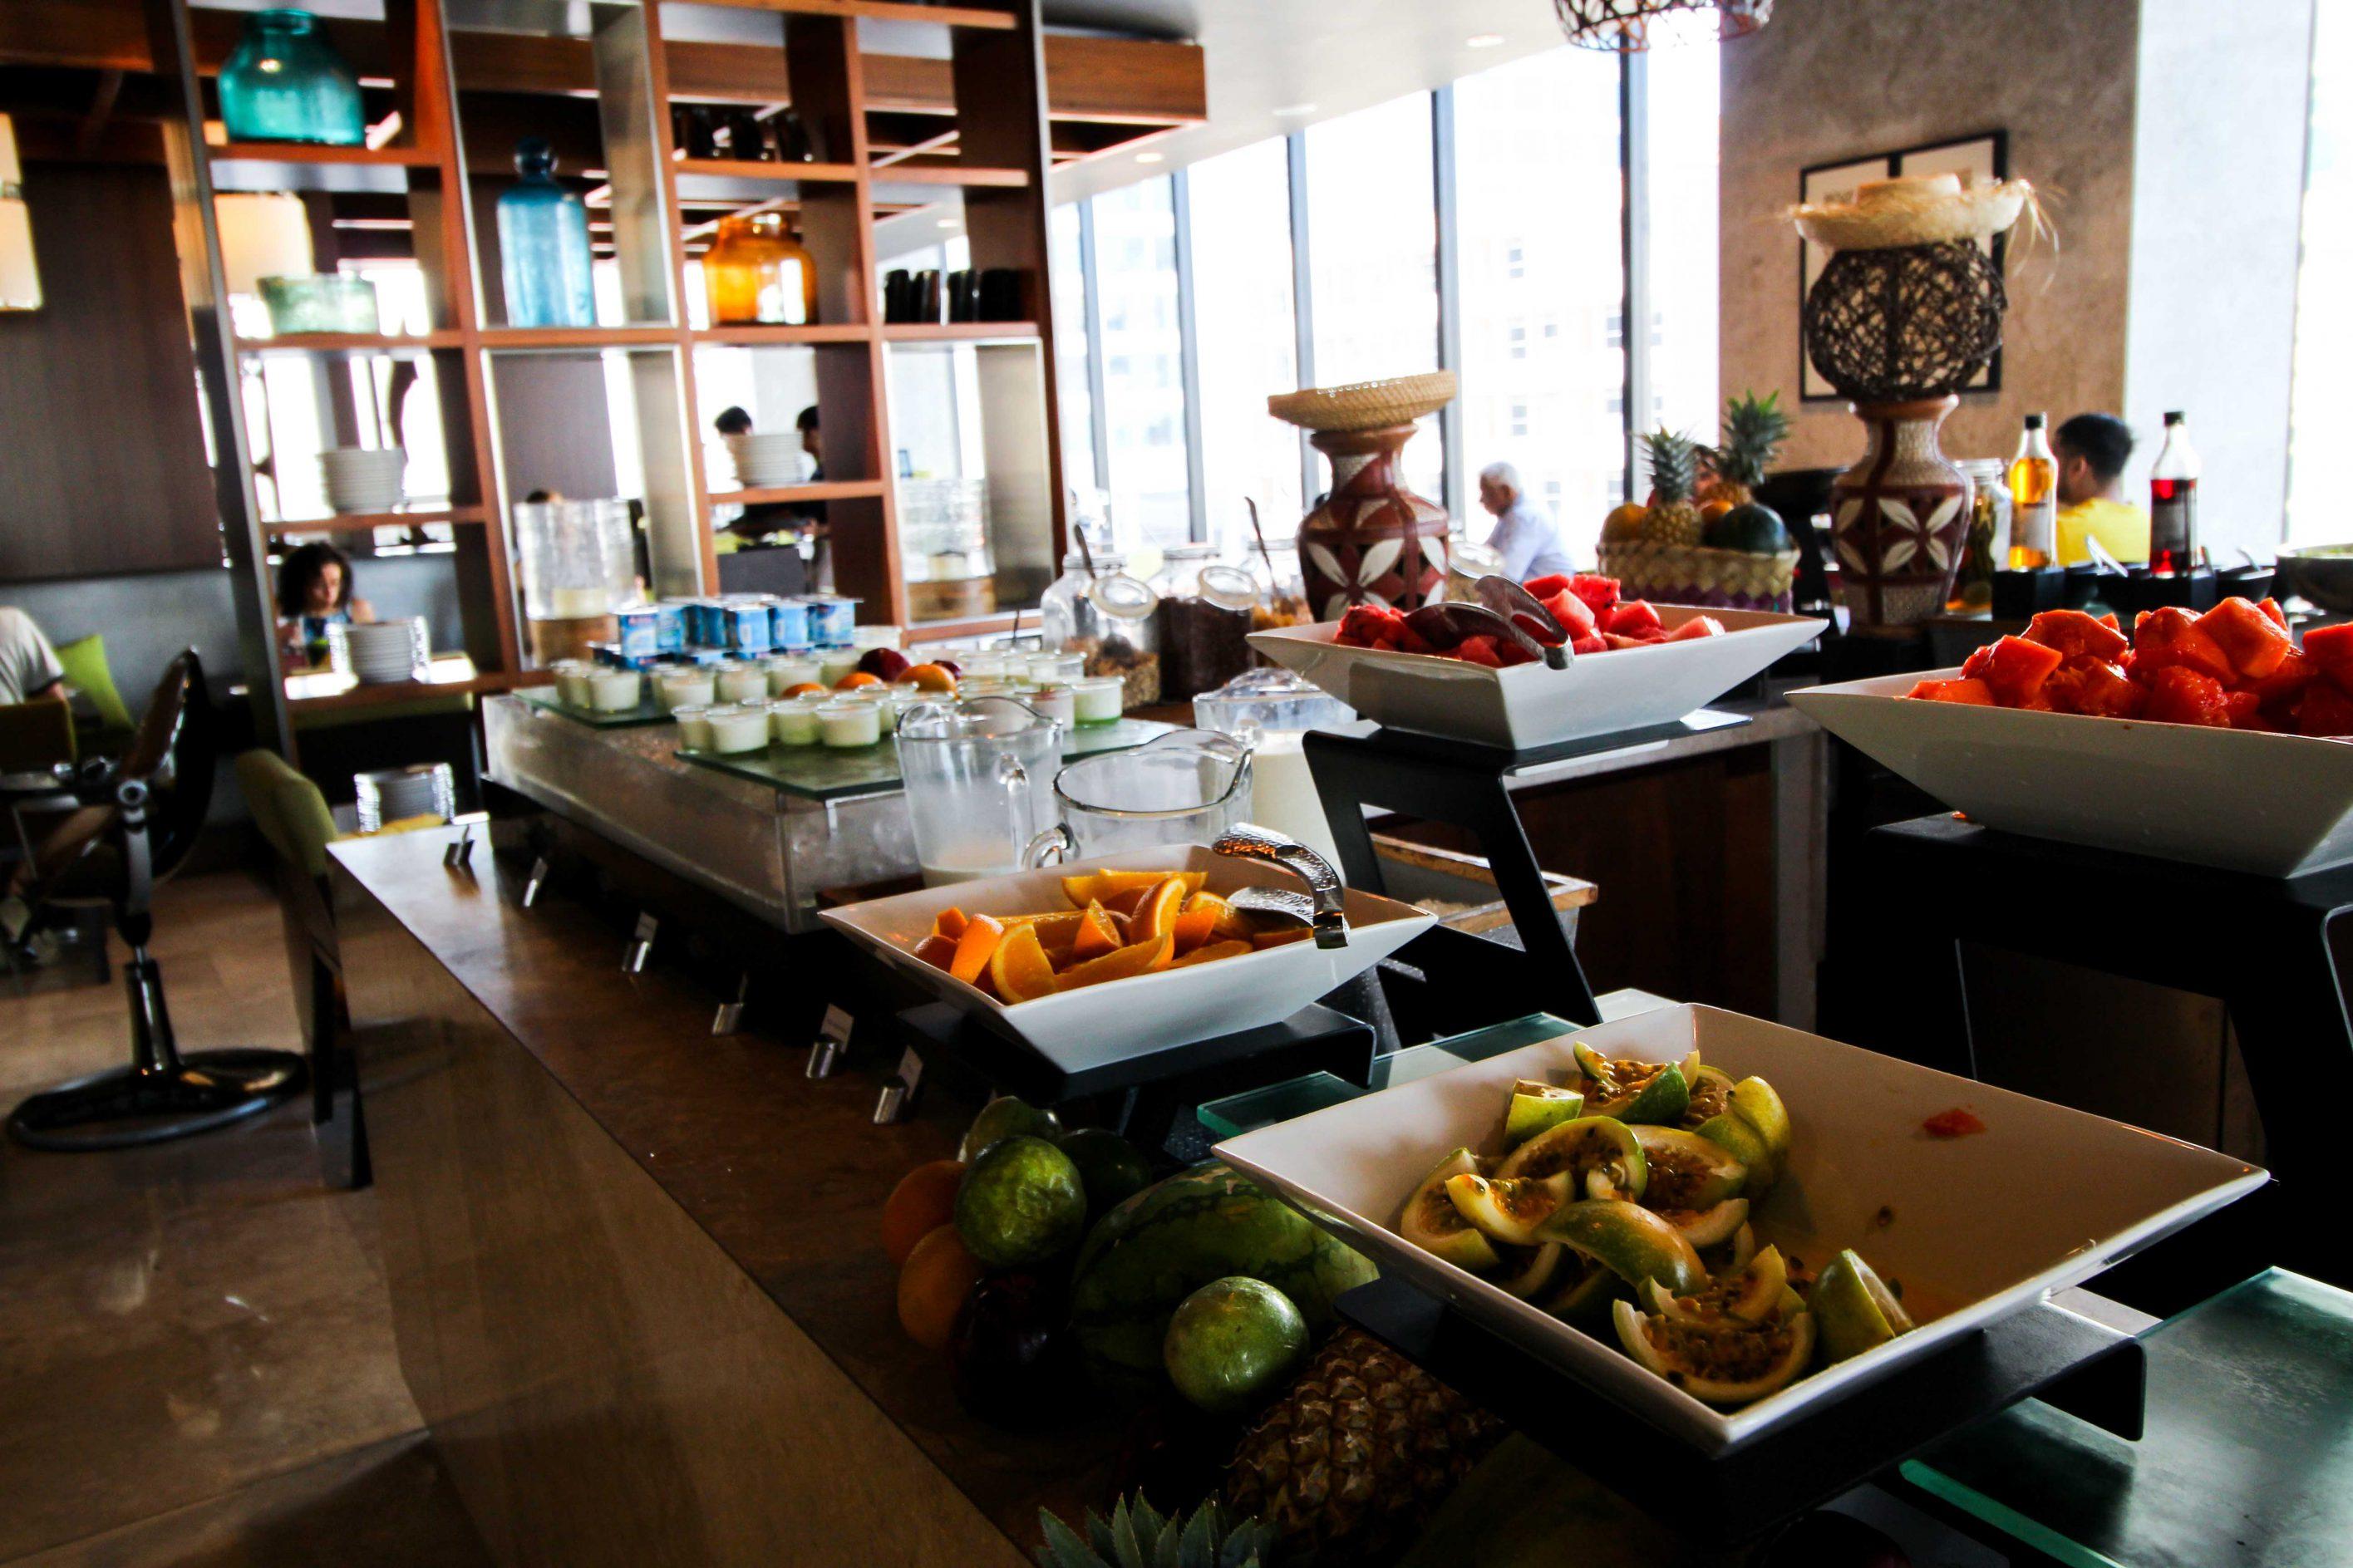 Mövenpick Colombo Hotel Frühstück Auswahl Früchte Reiseblog Brinisfashionbook Hotel Sri Lanka